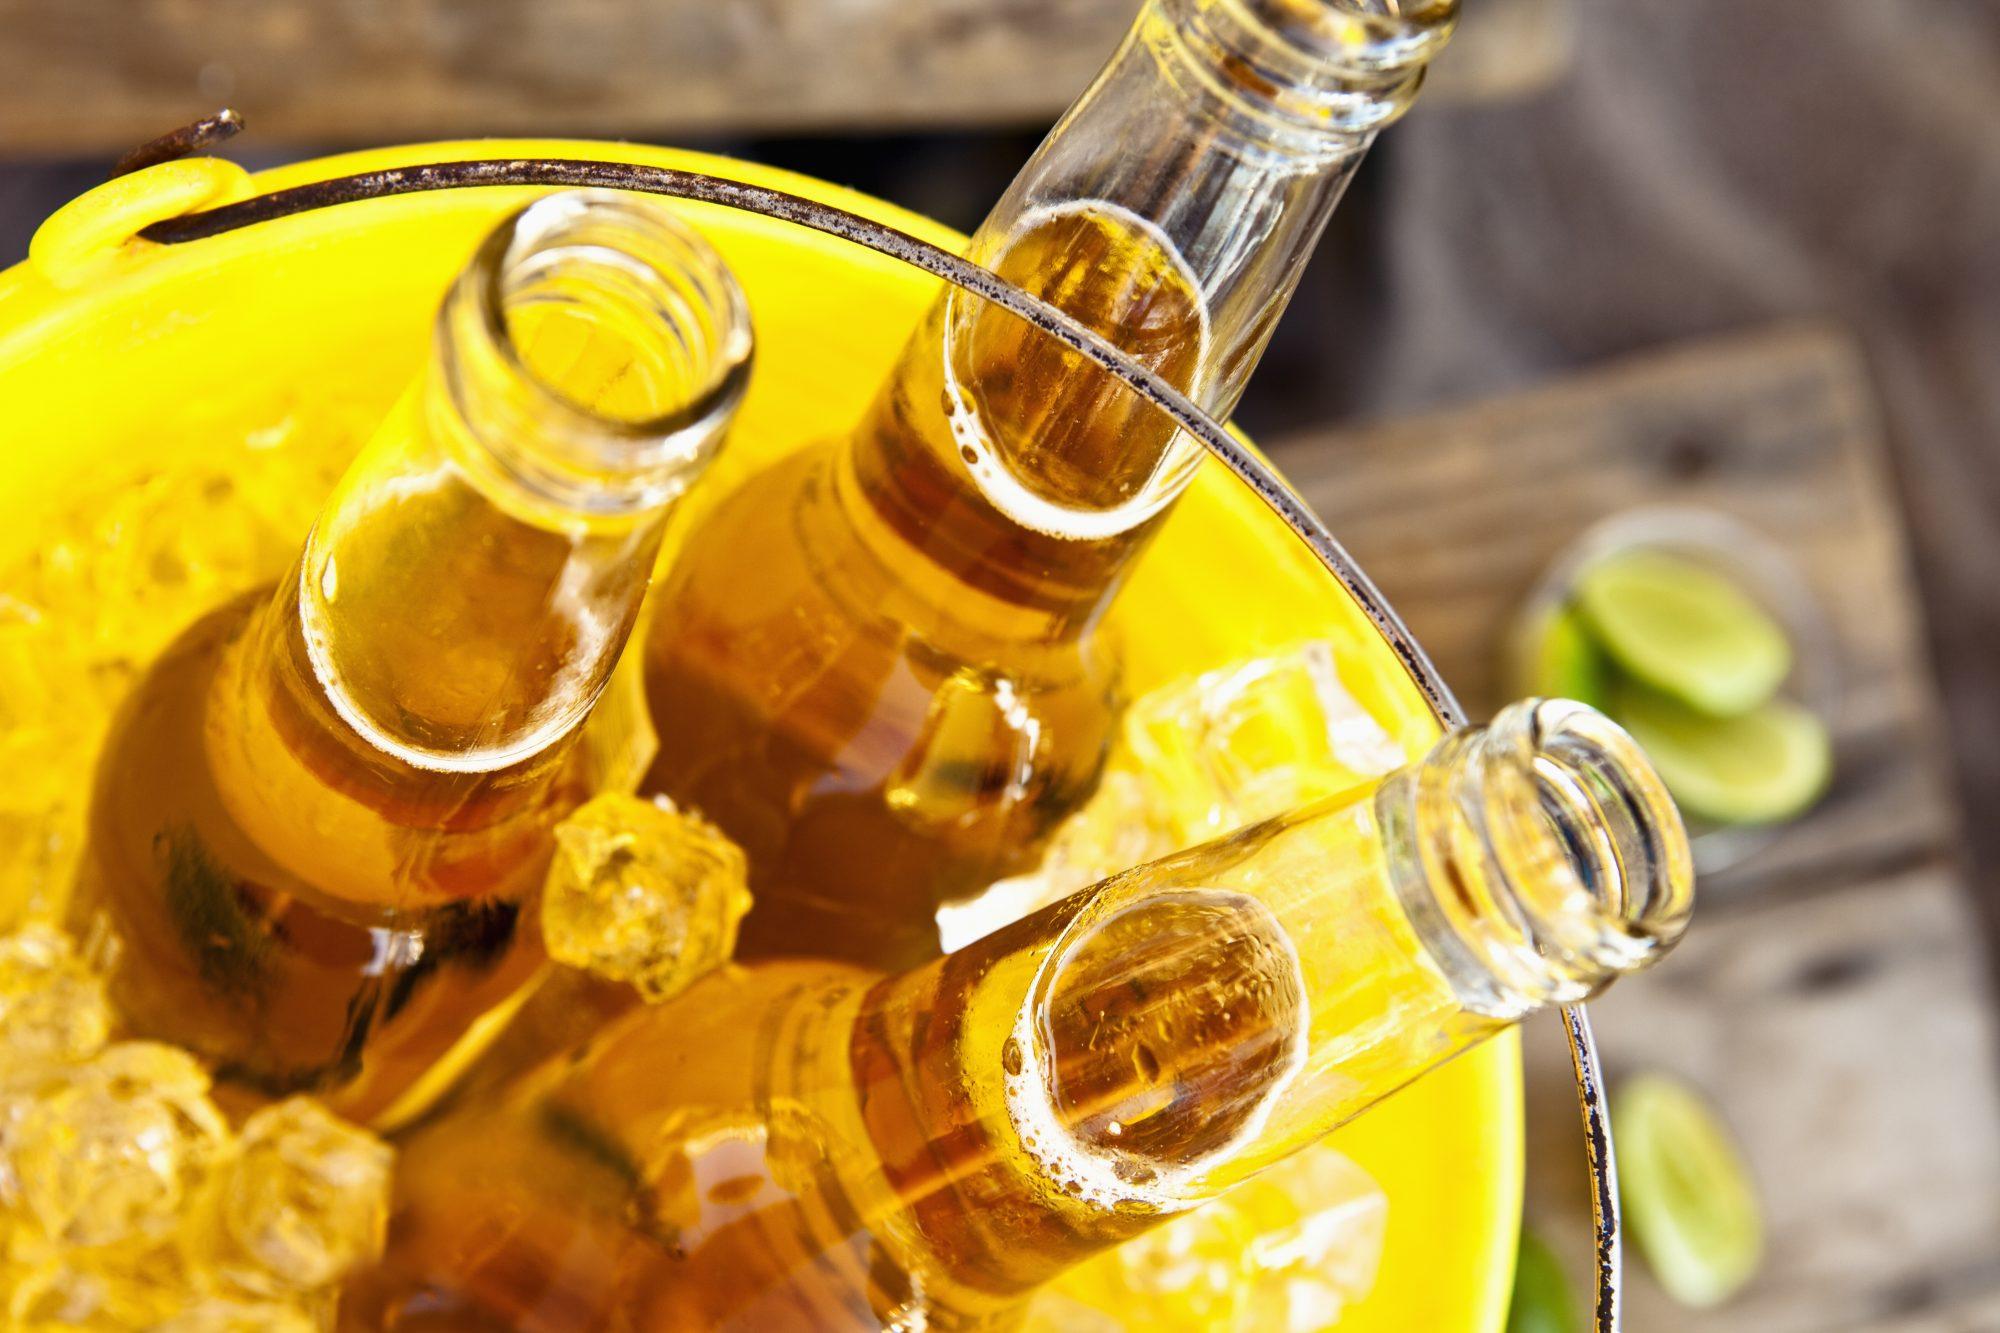 Beer Bucket Getty 1/28/20